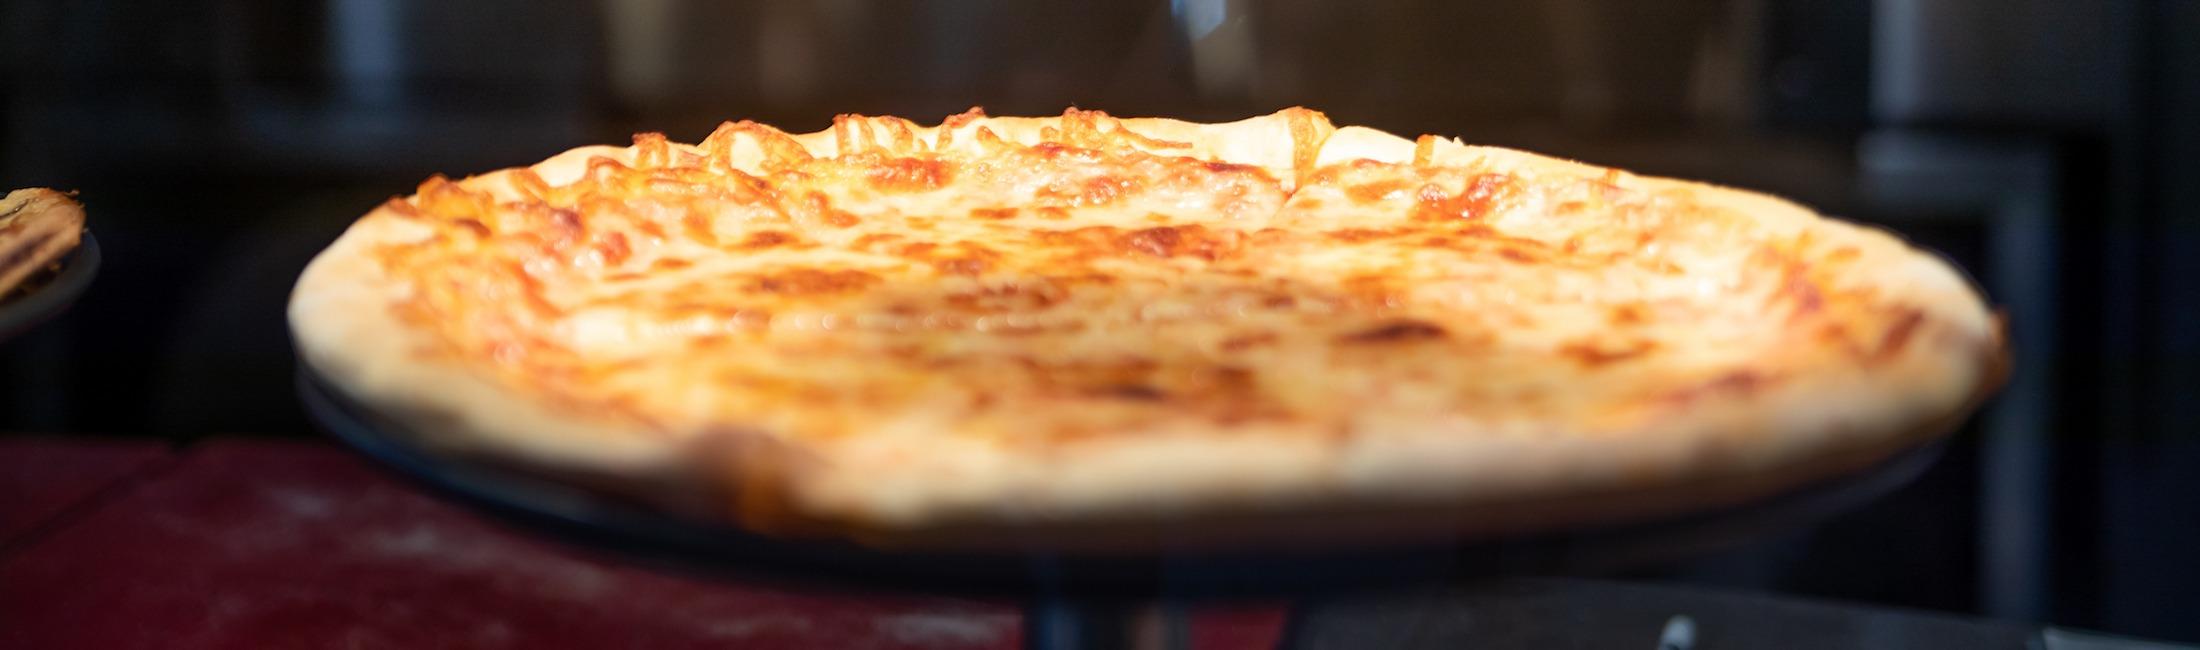 Best Pizzas of Missoula